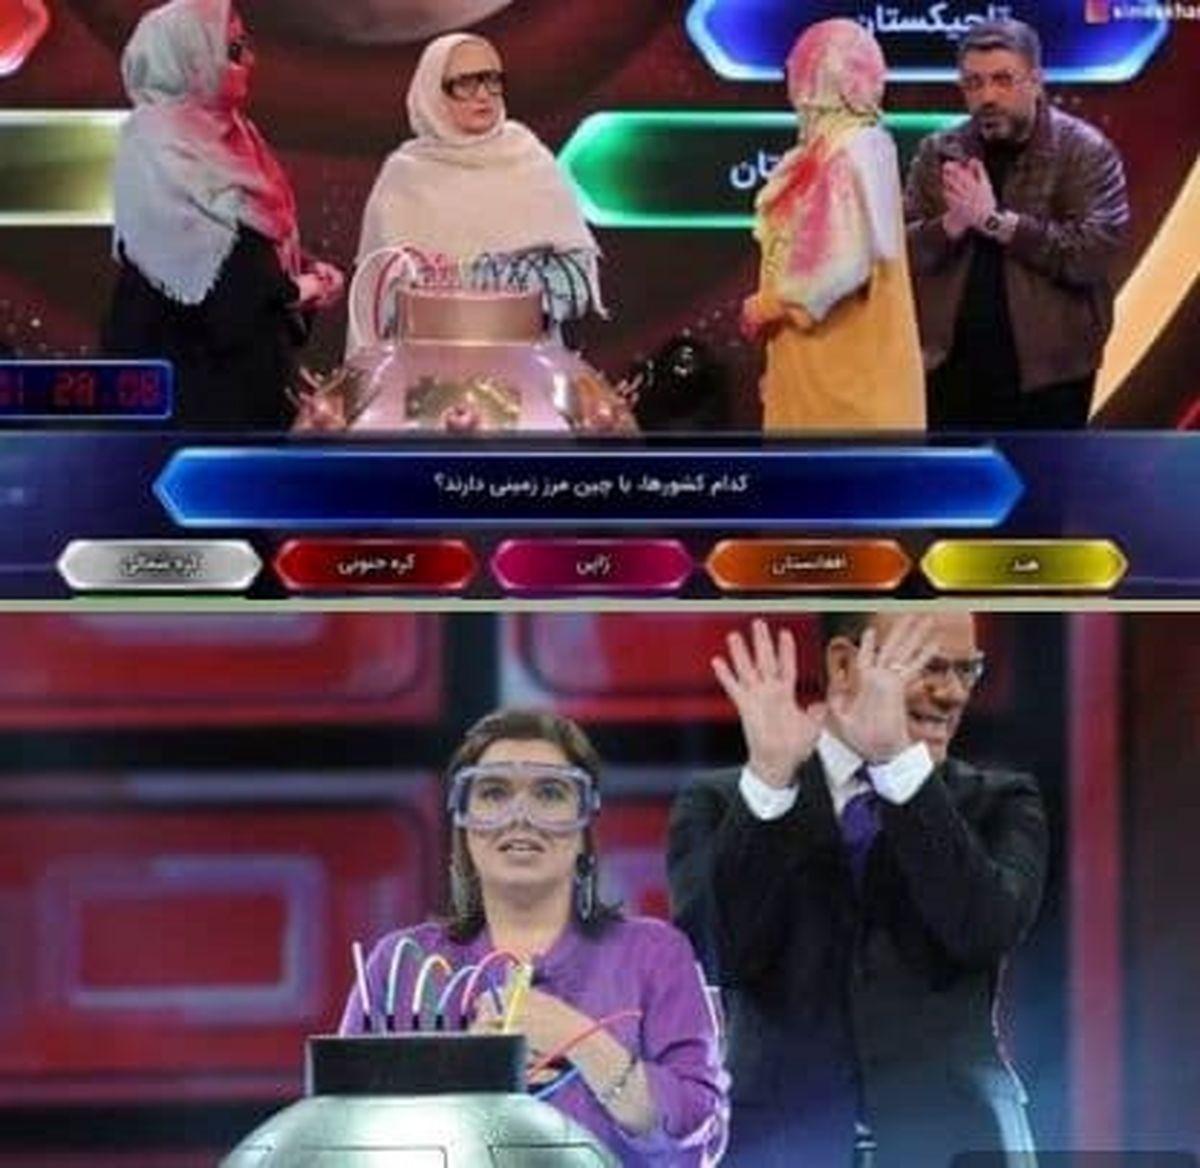 مسابقه تلویزیونی رضا رشیدپور جنجالی شد +عکس